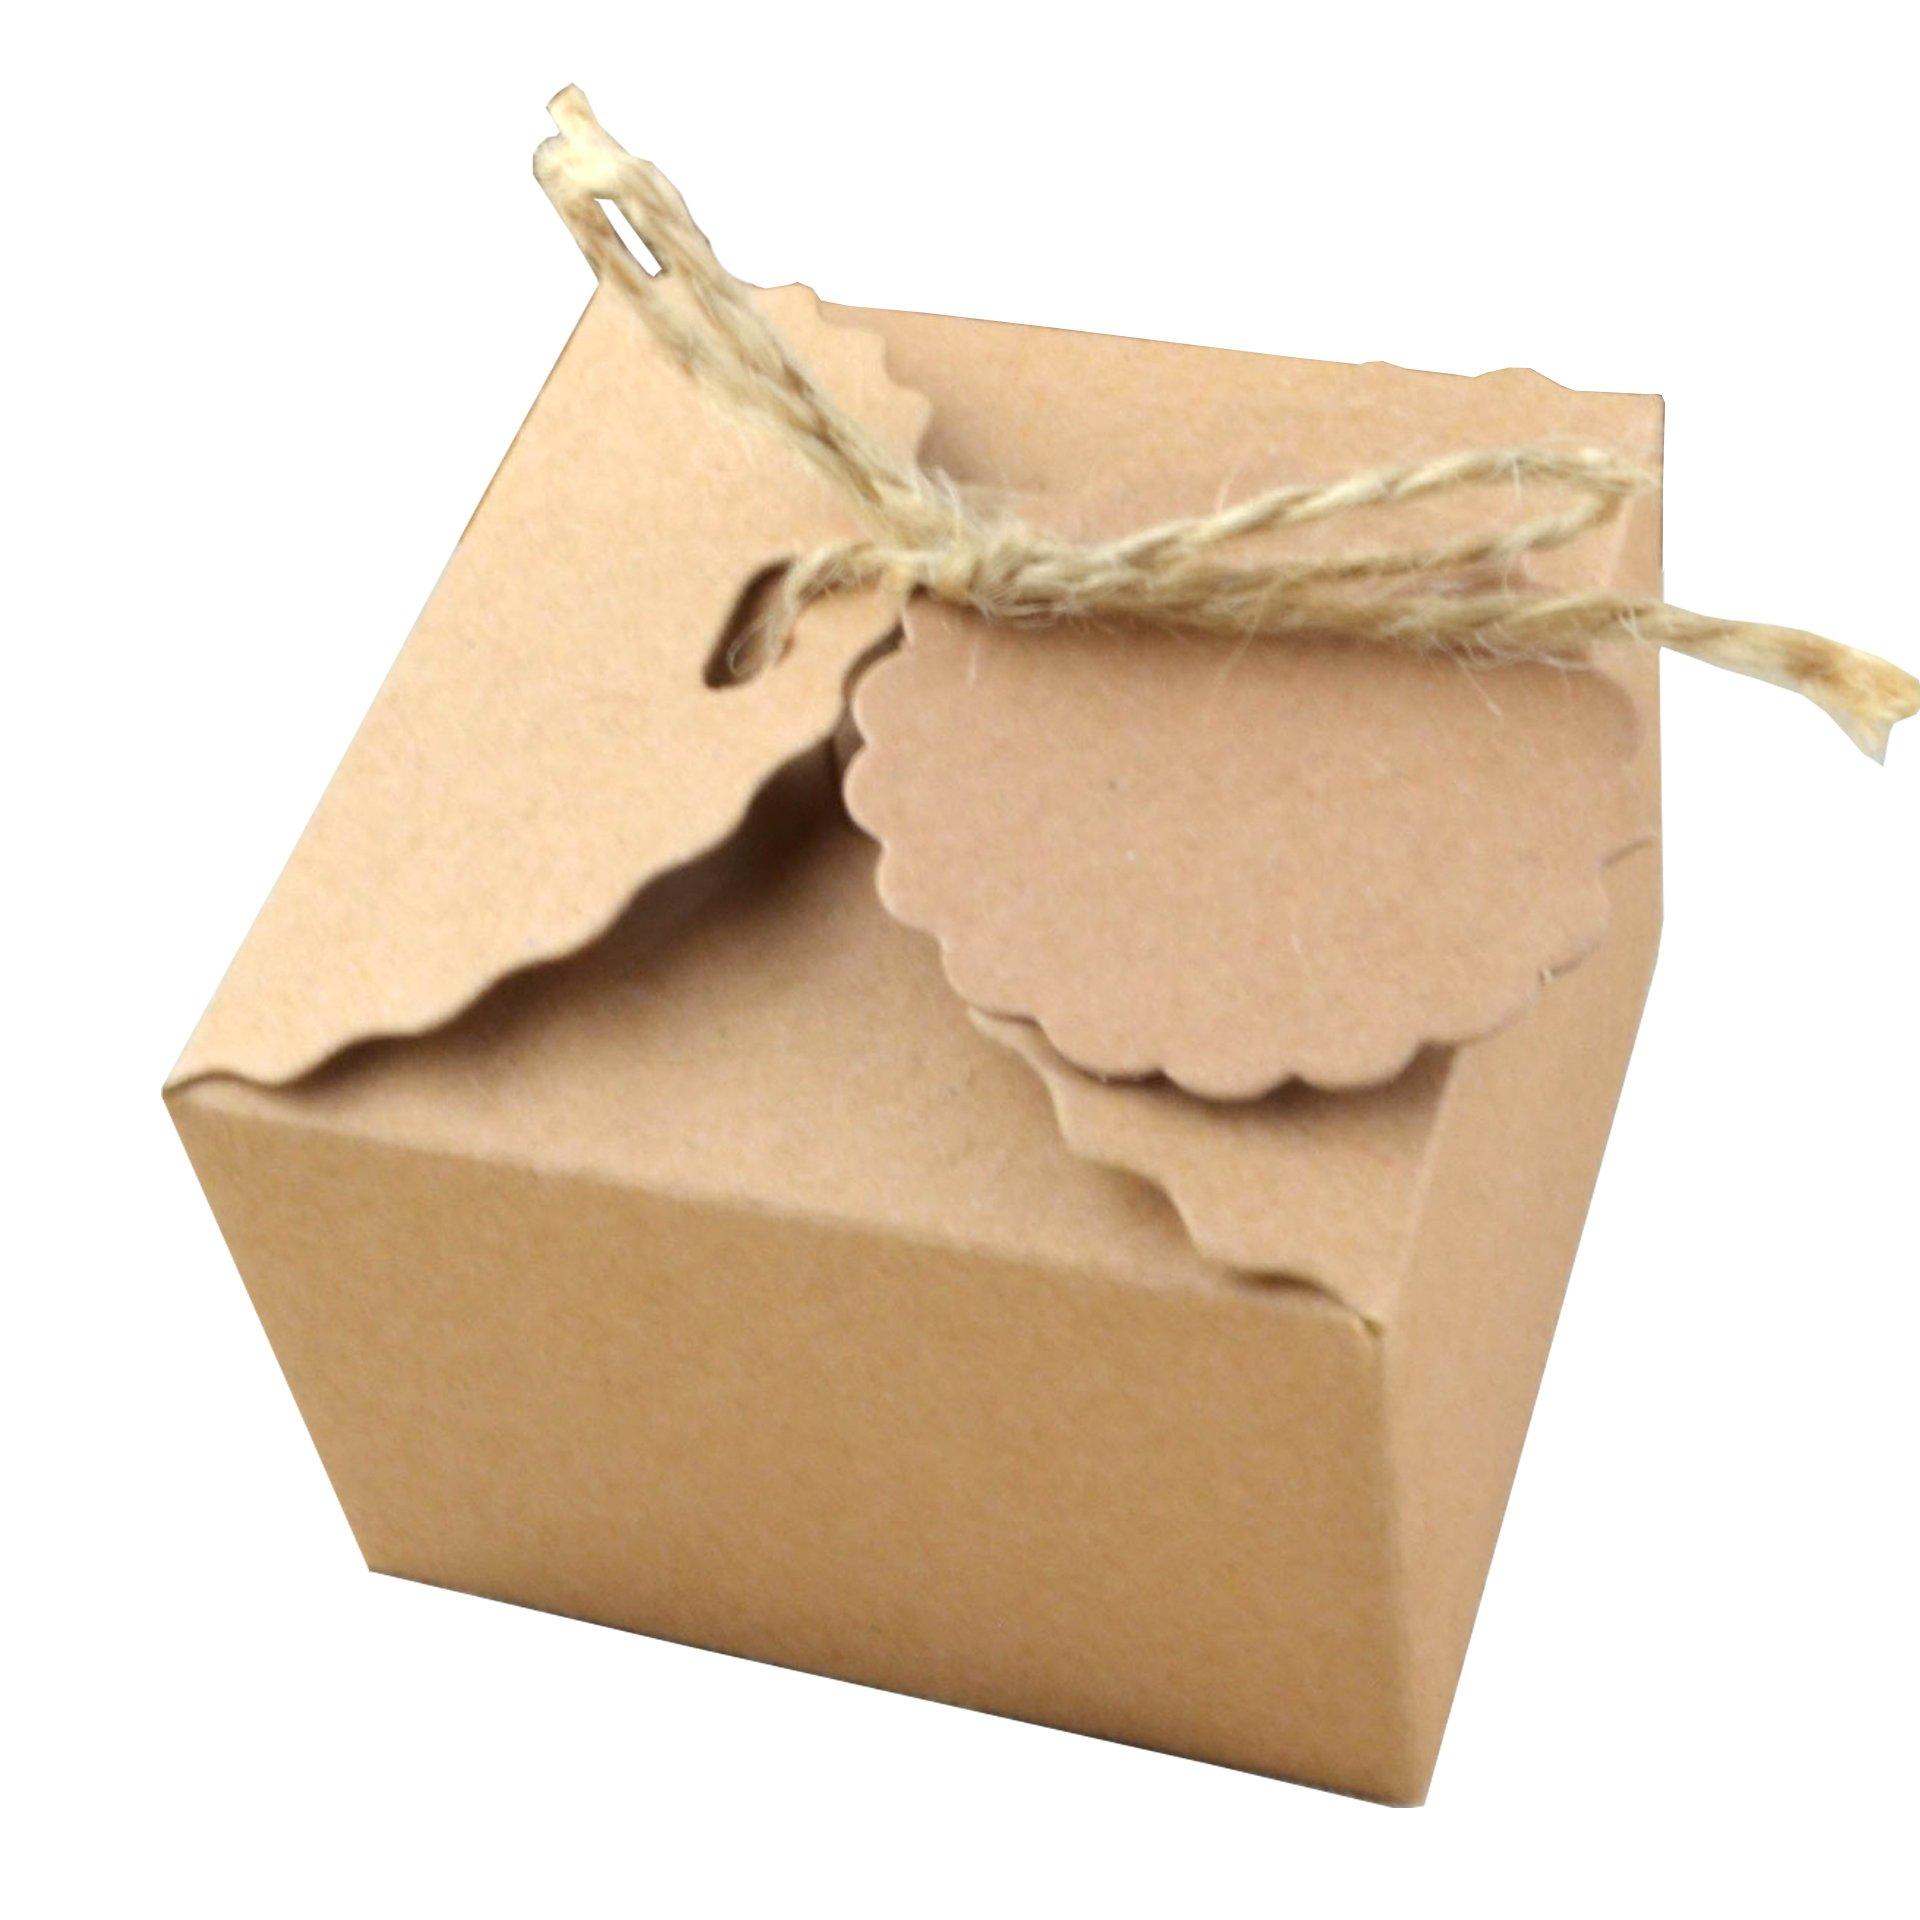 50 Piezas Papel Kraft Caja de Regalo Dulces Regalos Cajas Para el Presente del Banquete de Boda Embalaje Favor Regalo Dulces Marrón (Cuerda de yute): Amazon.es: Hogar